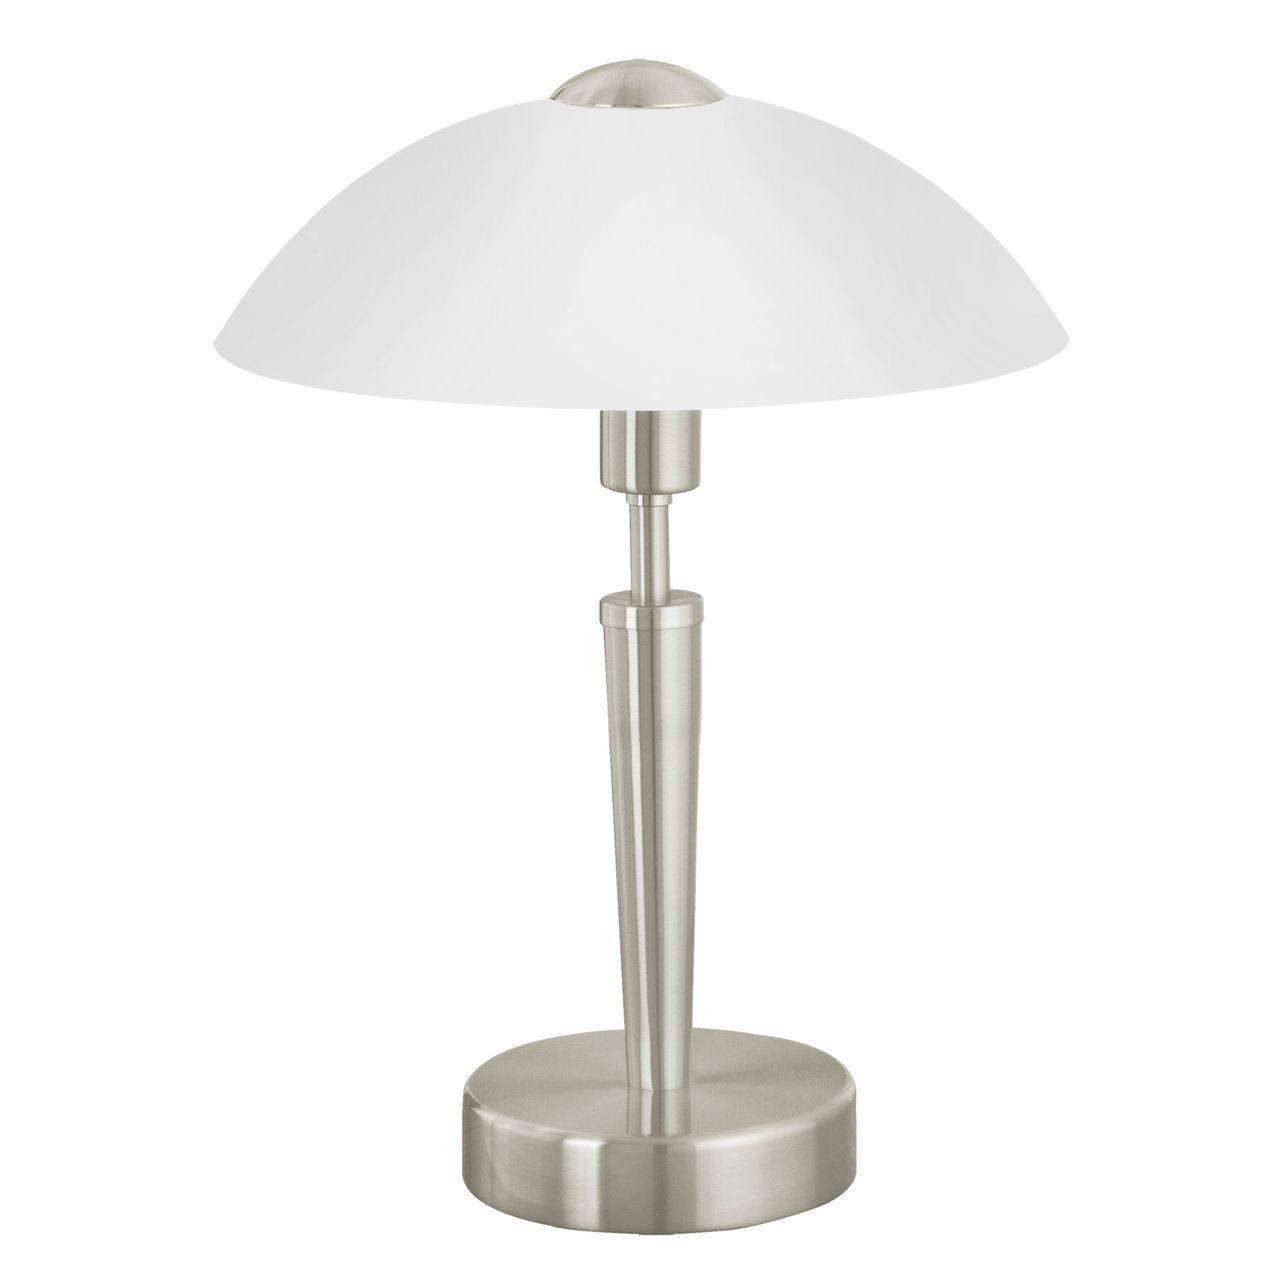 Настольная лампа Eglo Solo 85104 eglo настольная лампа eglo solo 85104 page 7